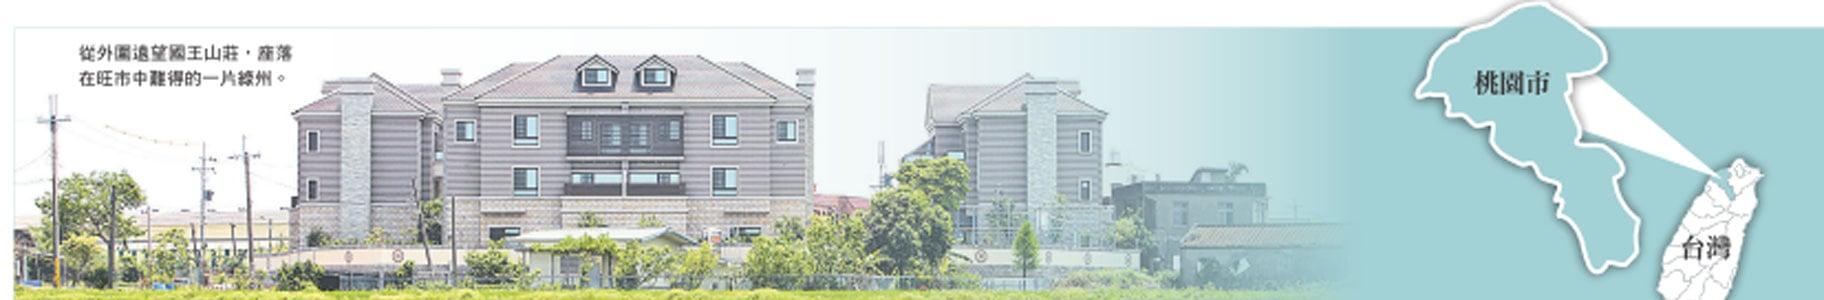 國王山莊  從台灣連通世界 航空城發展潛力無限